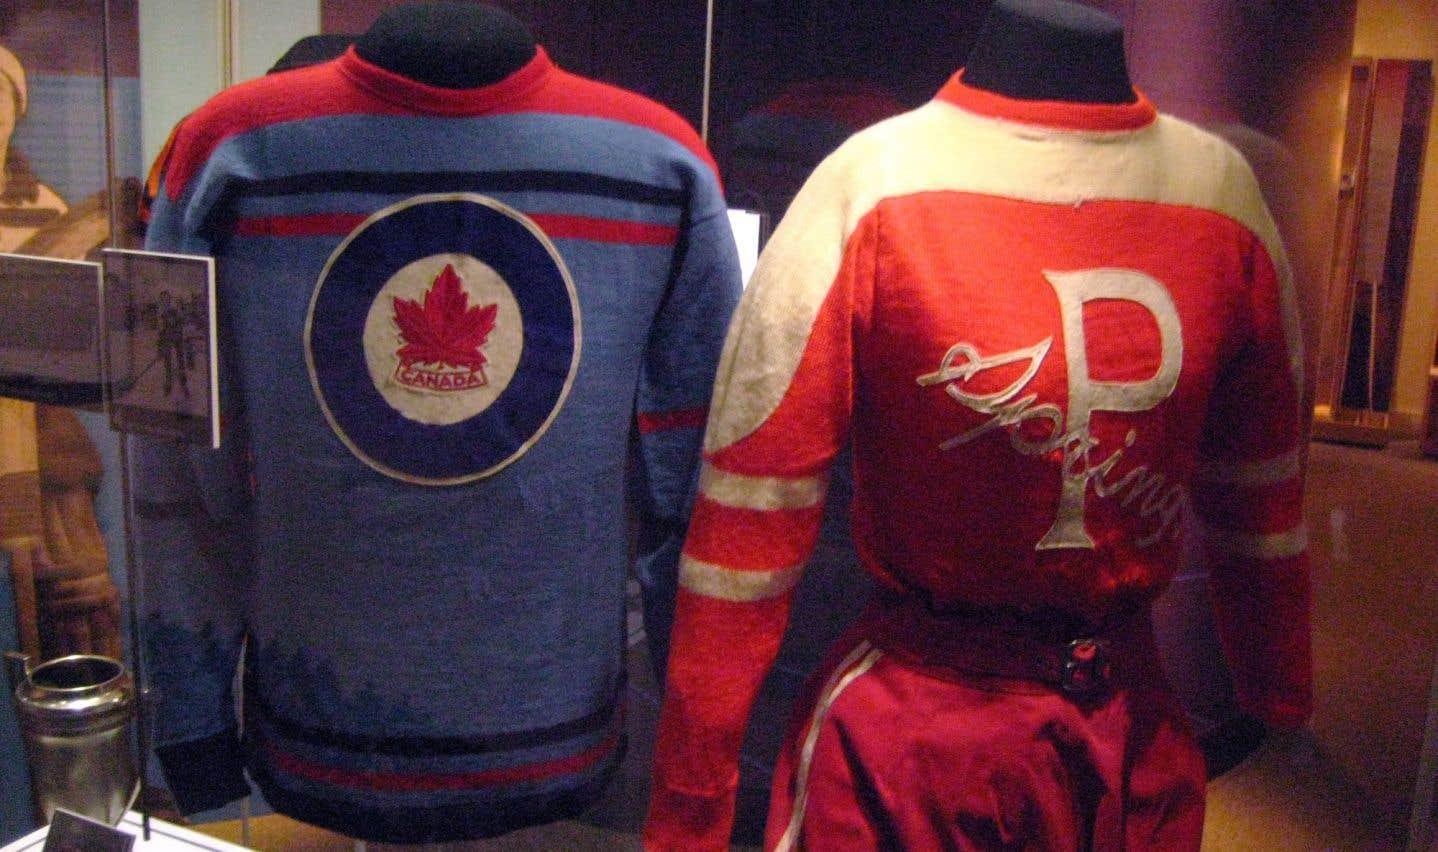 Vue du chandail des Flyers de l'Aviation royale canadienne (gauche), qui ont représenté le Canada lors des Jeux olympiques de Saint-Moritz, en Suisse, en 1948, et de l'équipement complet d'Hilda Ramscombe (droite), joueuse de l'équipe féminine de hockey de Preston dans les années 1930.